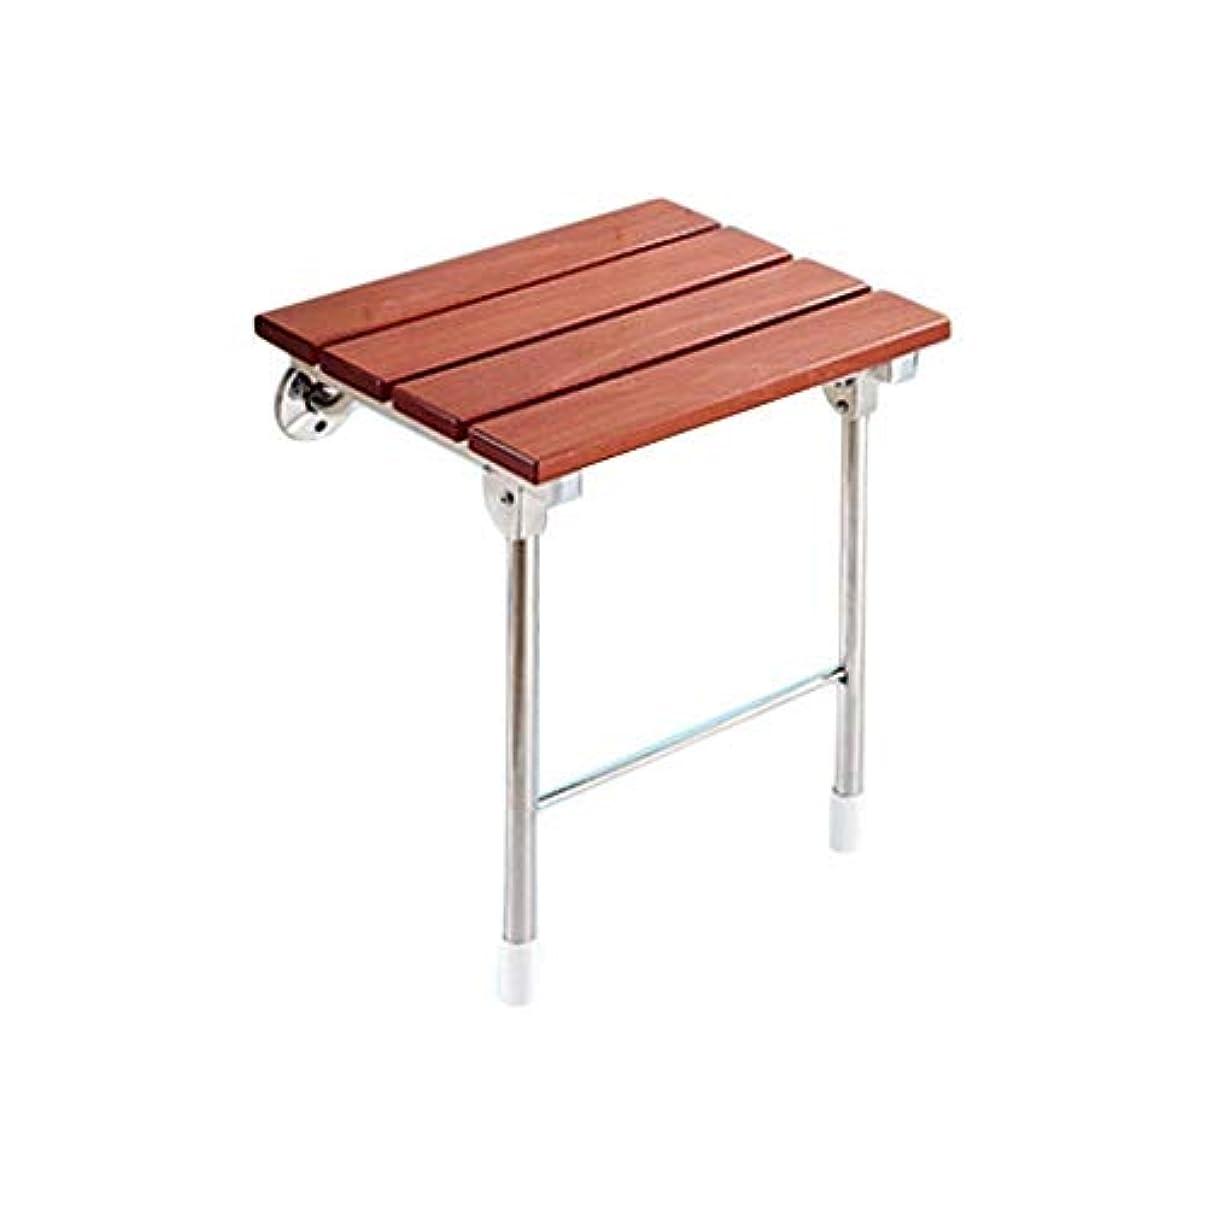 モス肘掛け椅子衝動折り畳み式の木製の壁のシャワースツール、シャワーシートスツール折りたたみ木製滑り止め変更靴スツール高齢者/無効